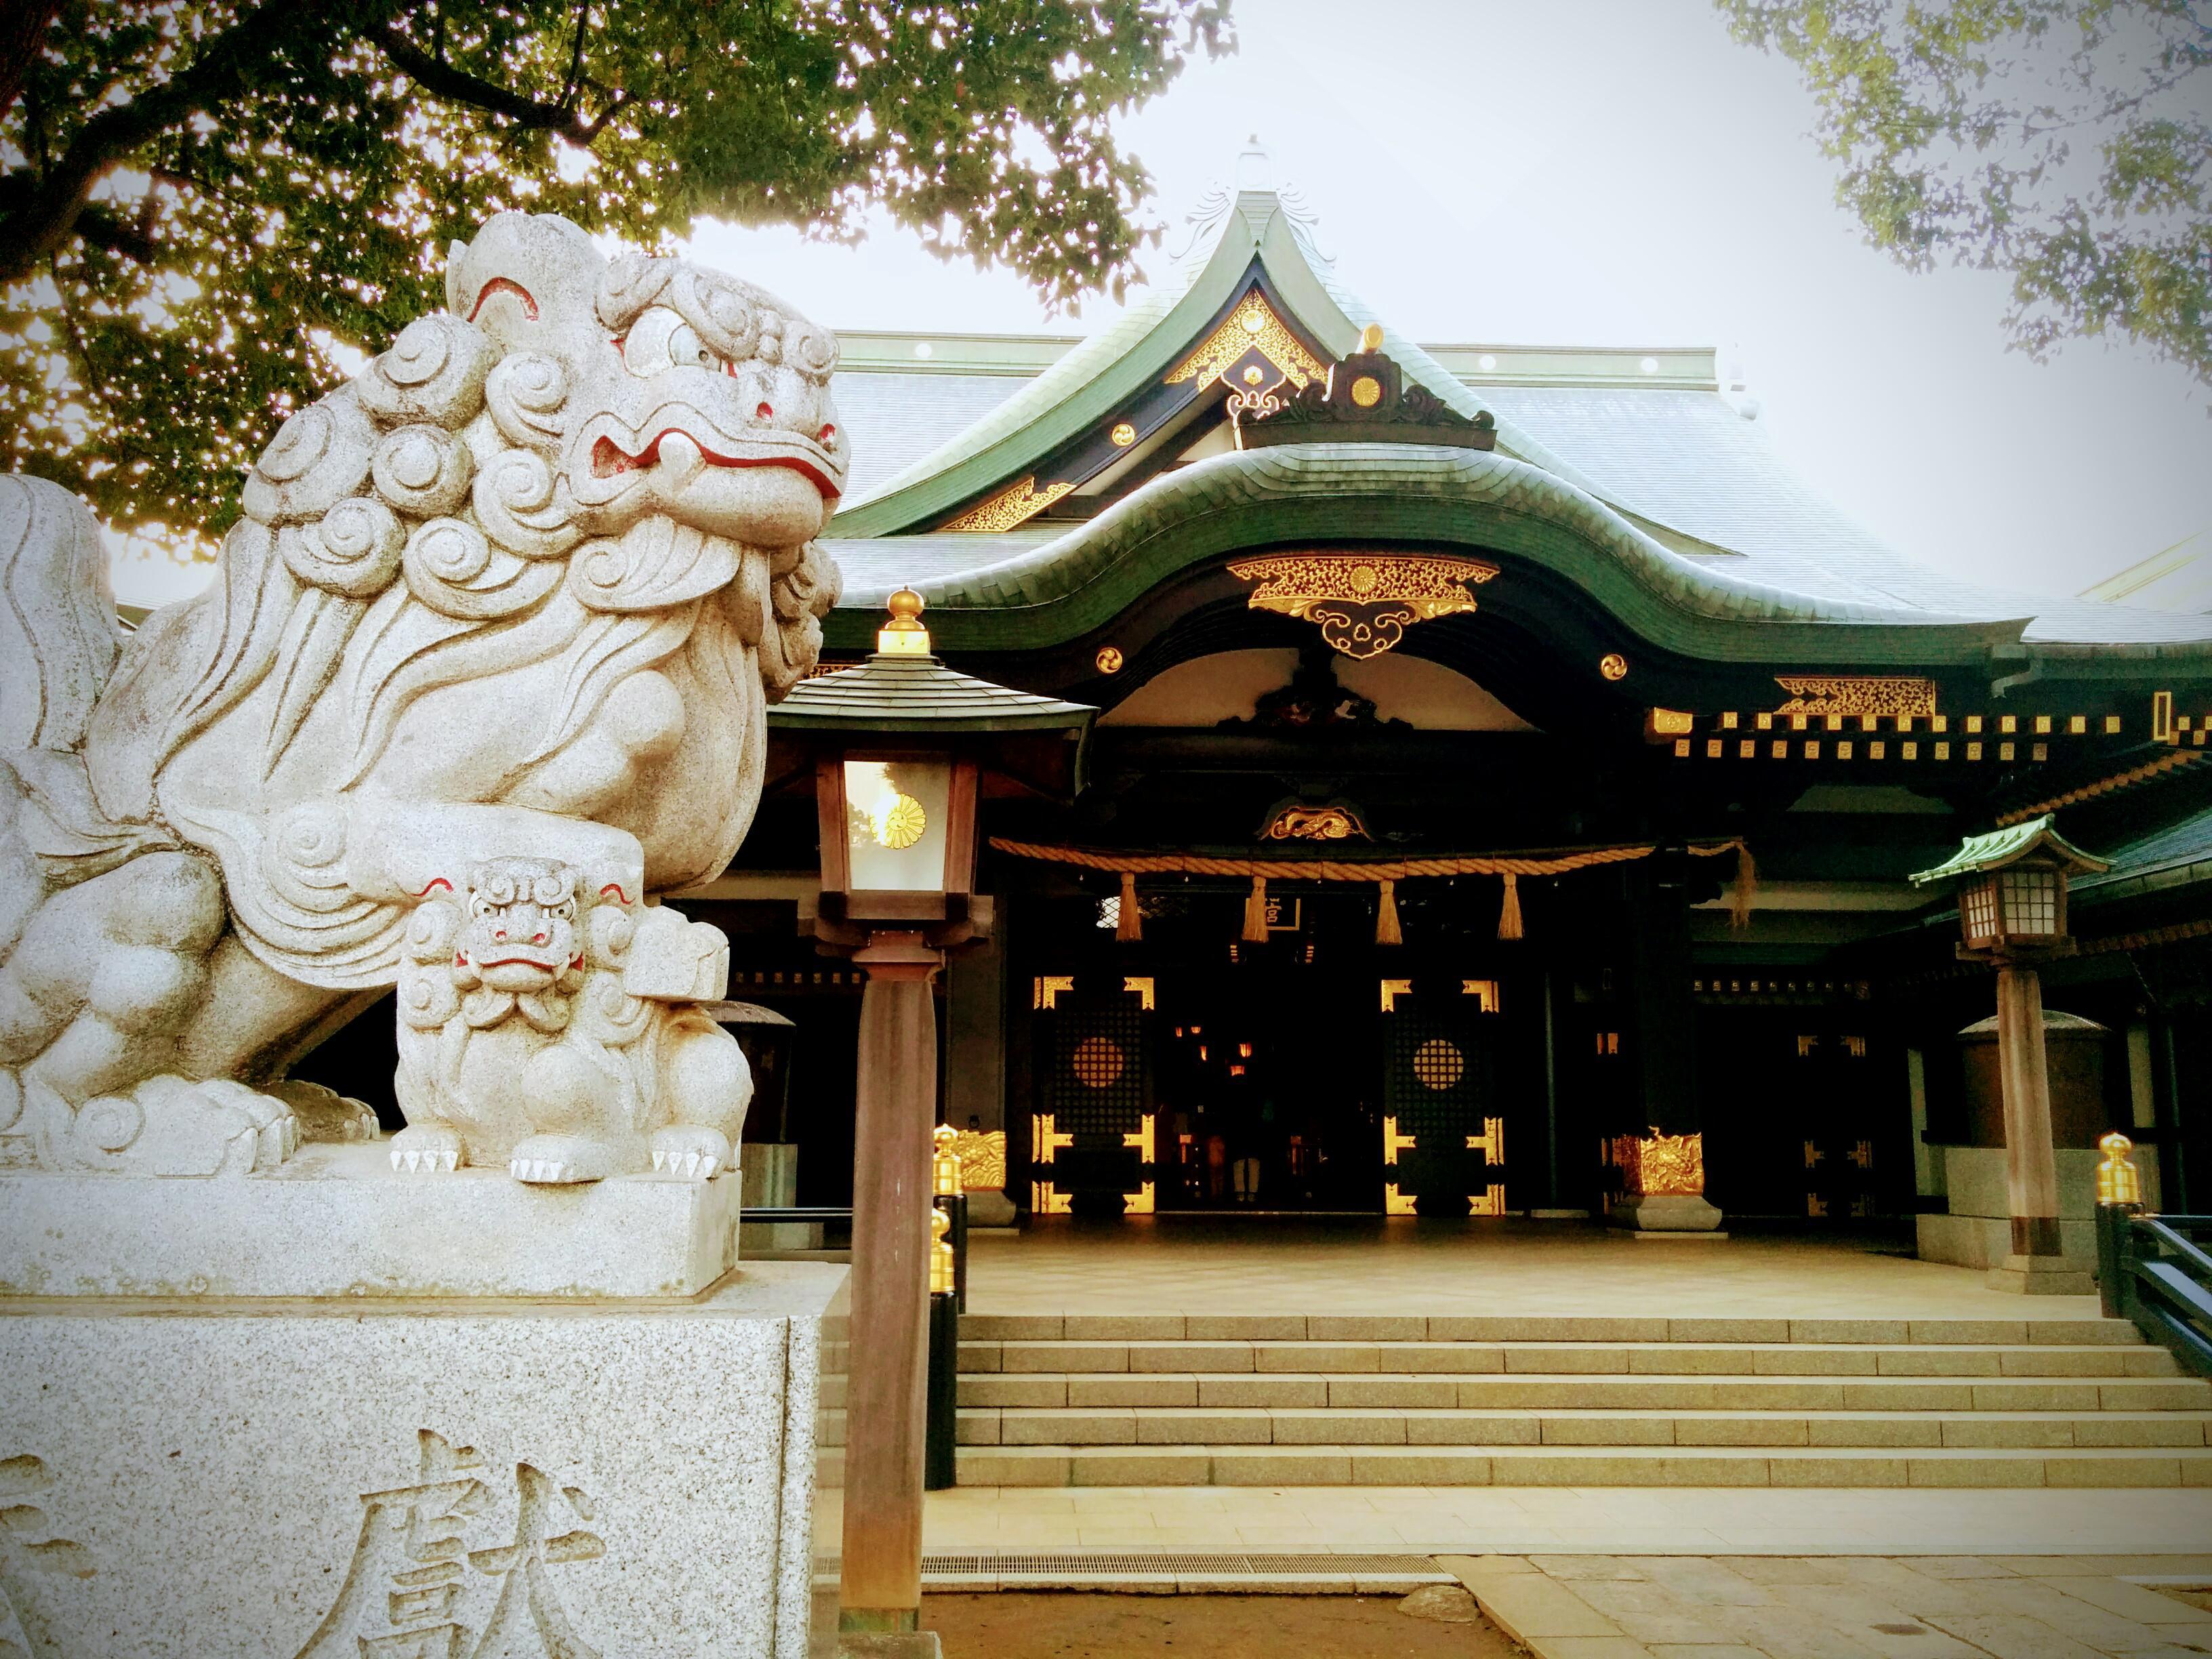 穴八幡宮の本殿